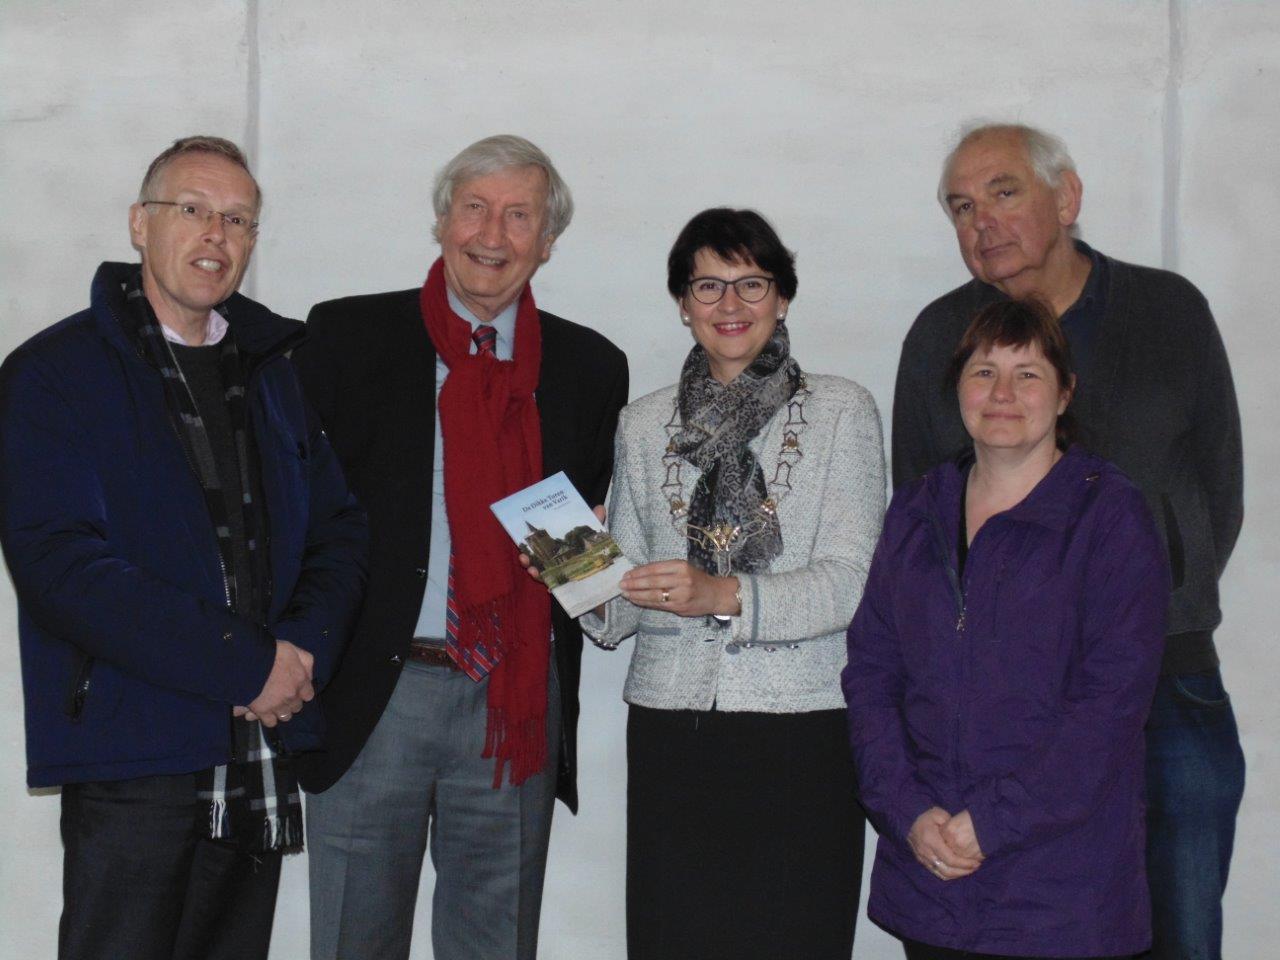 Burgemeester Loes van Ruijven samen met Hans Tevel en bestuursleden Jan Trap, Bas Lubberhuizen en secretaris Gerda Verhagen